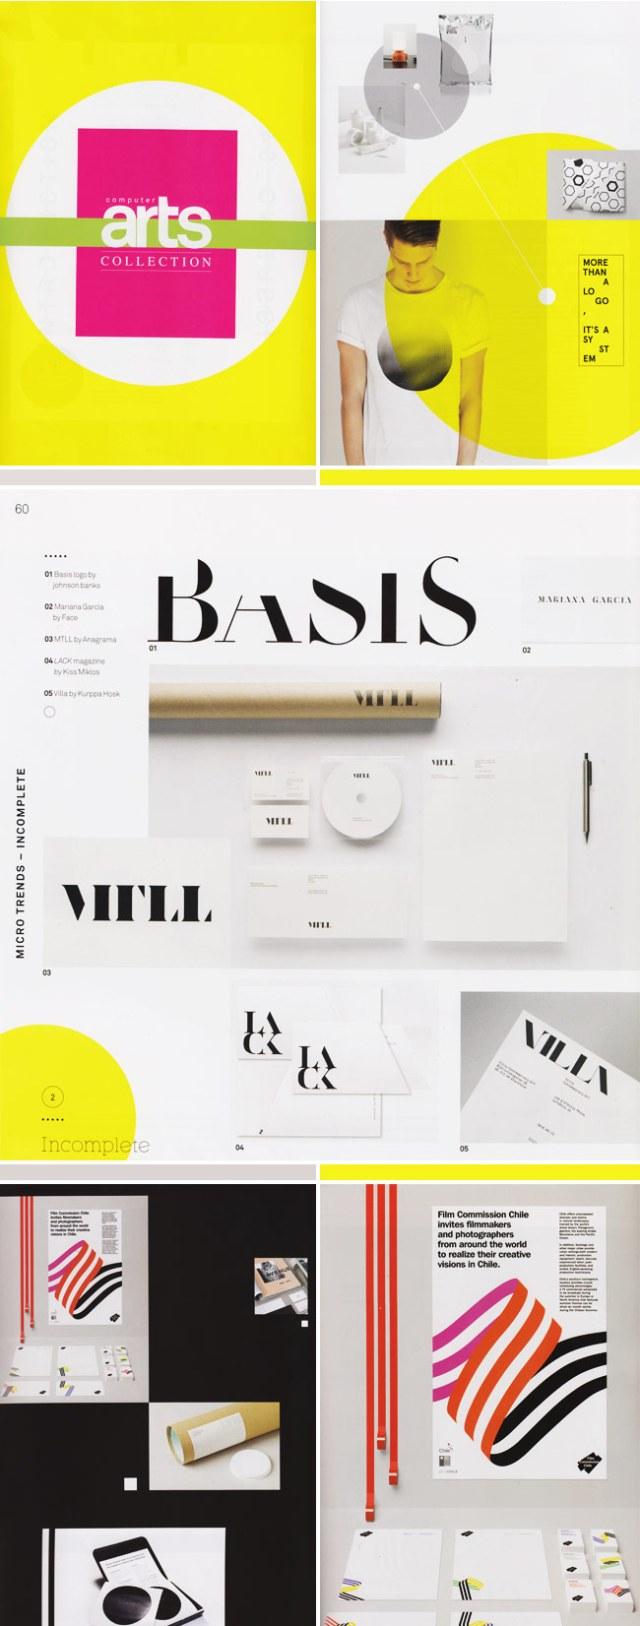 Computer Arts Branding